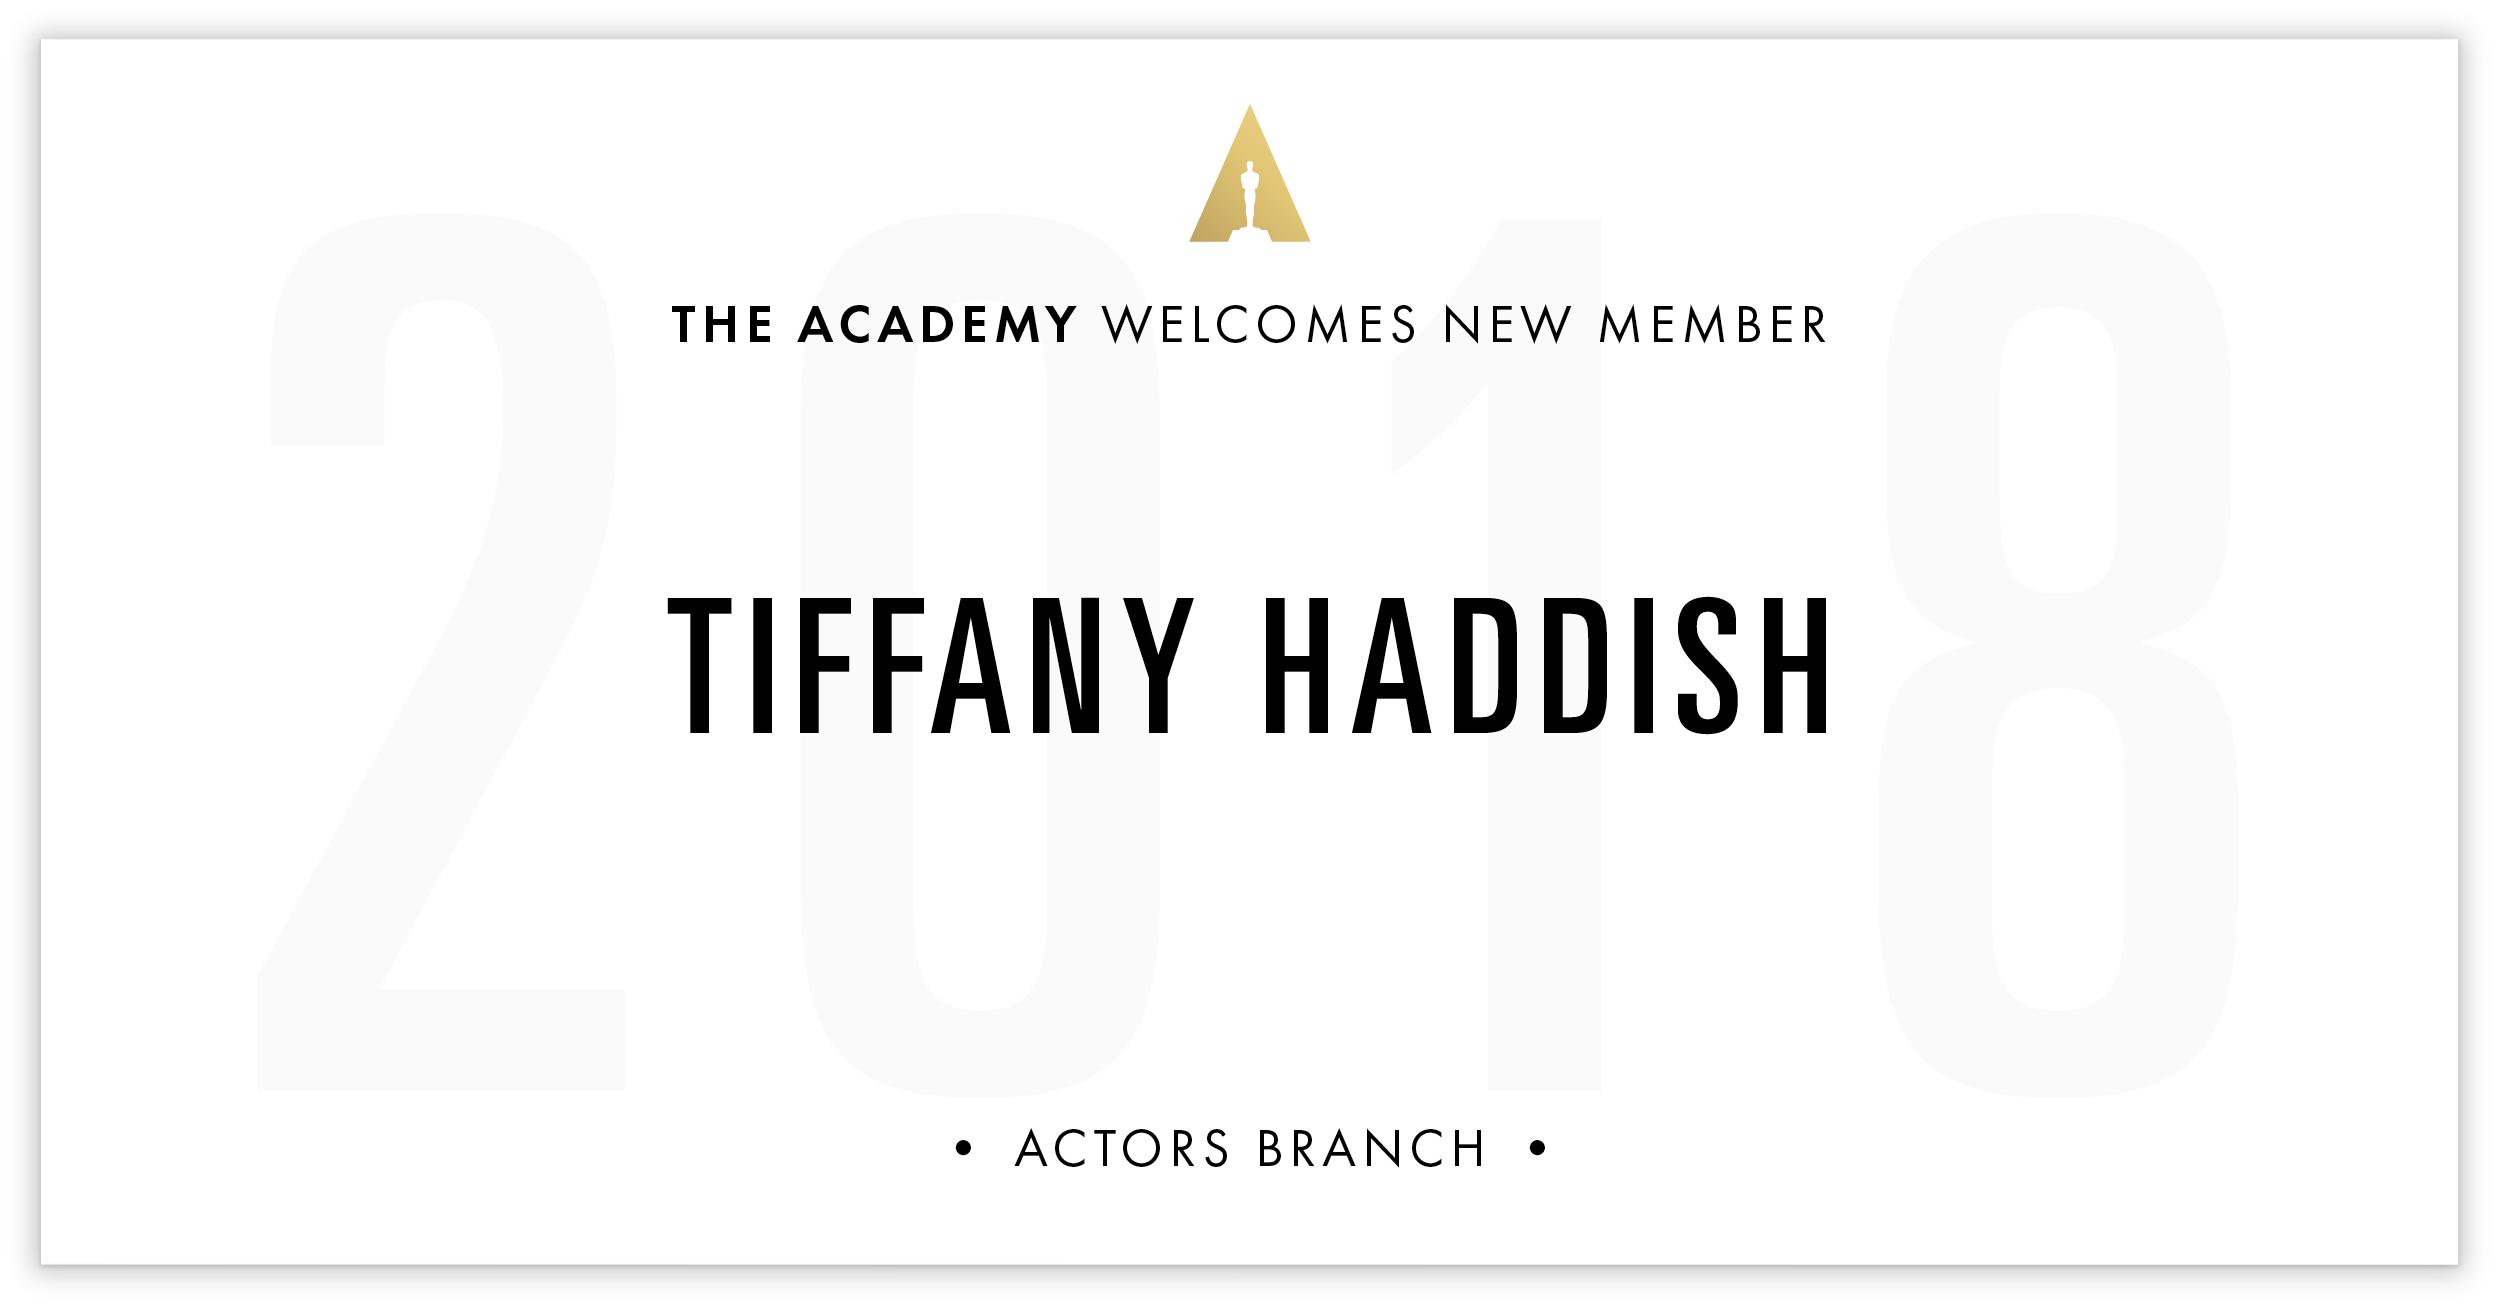 Tiffany Haddish is invited!